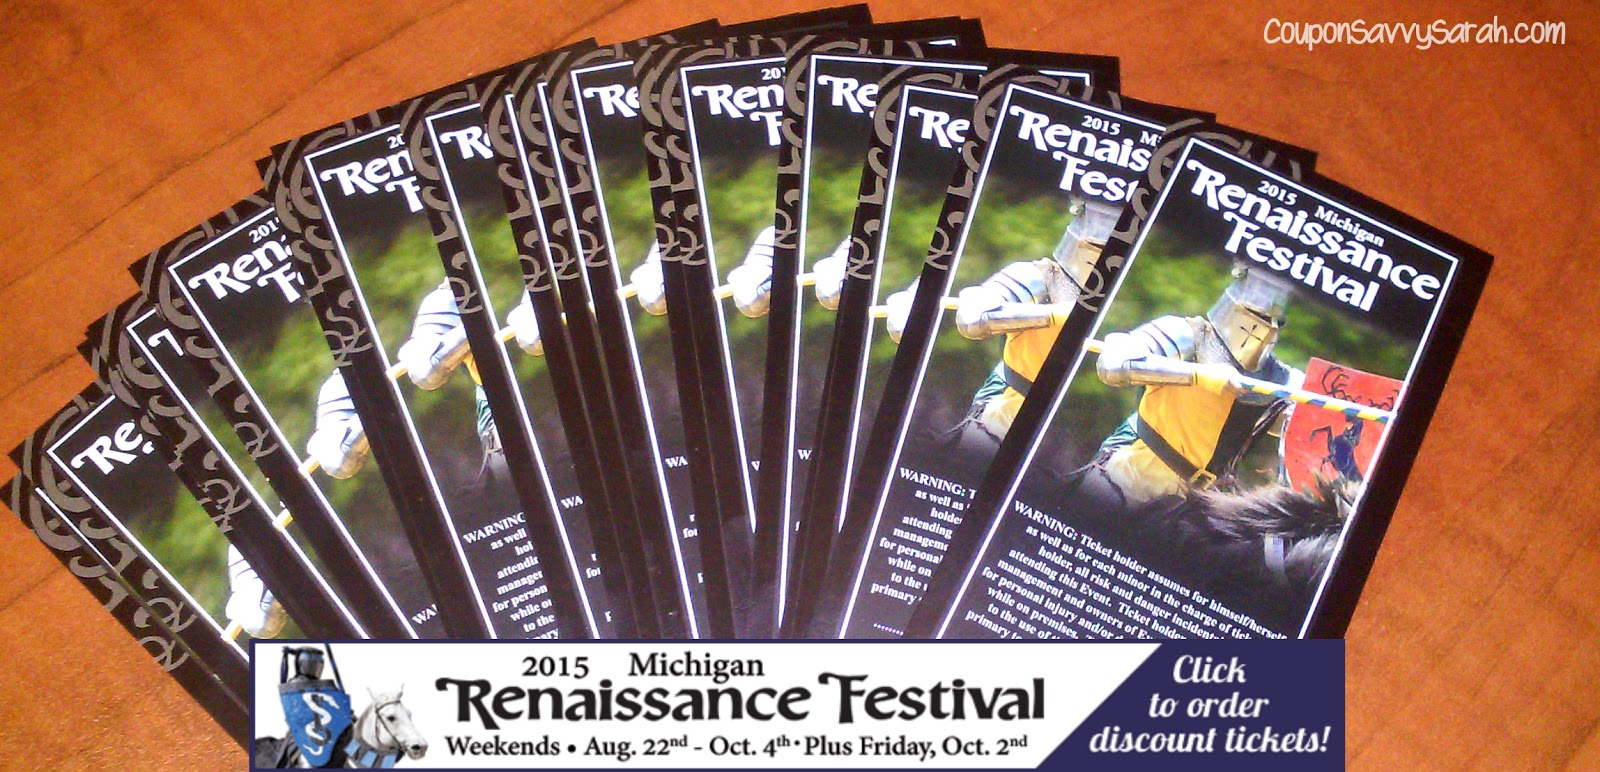 Michigan renaissance festival coupons